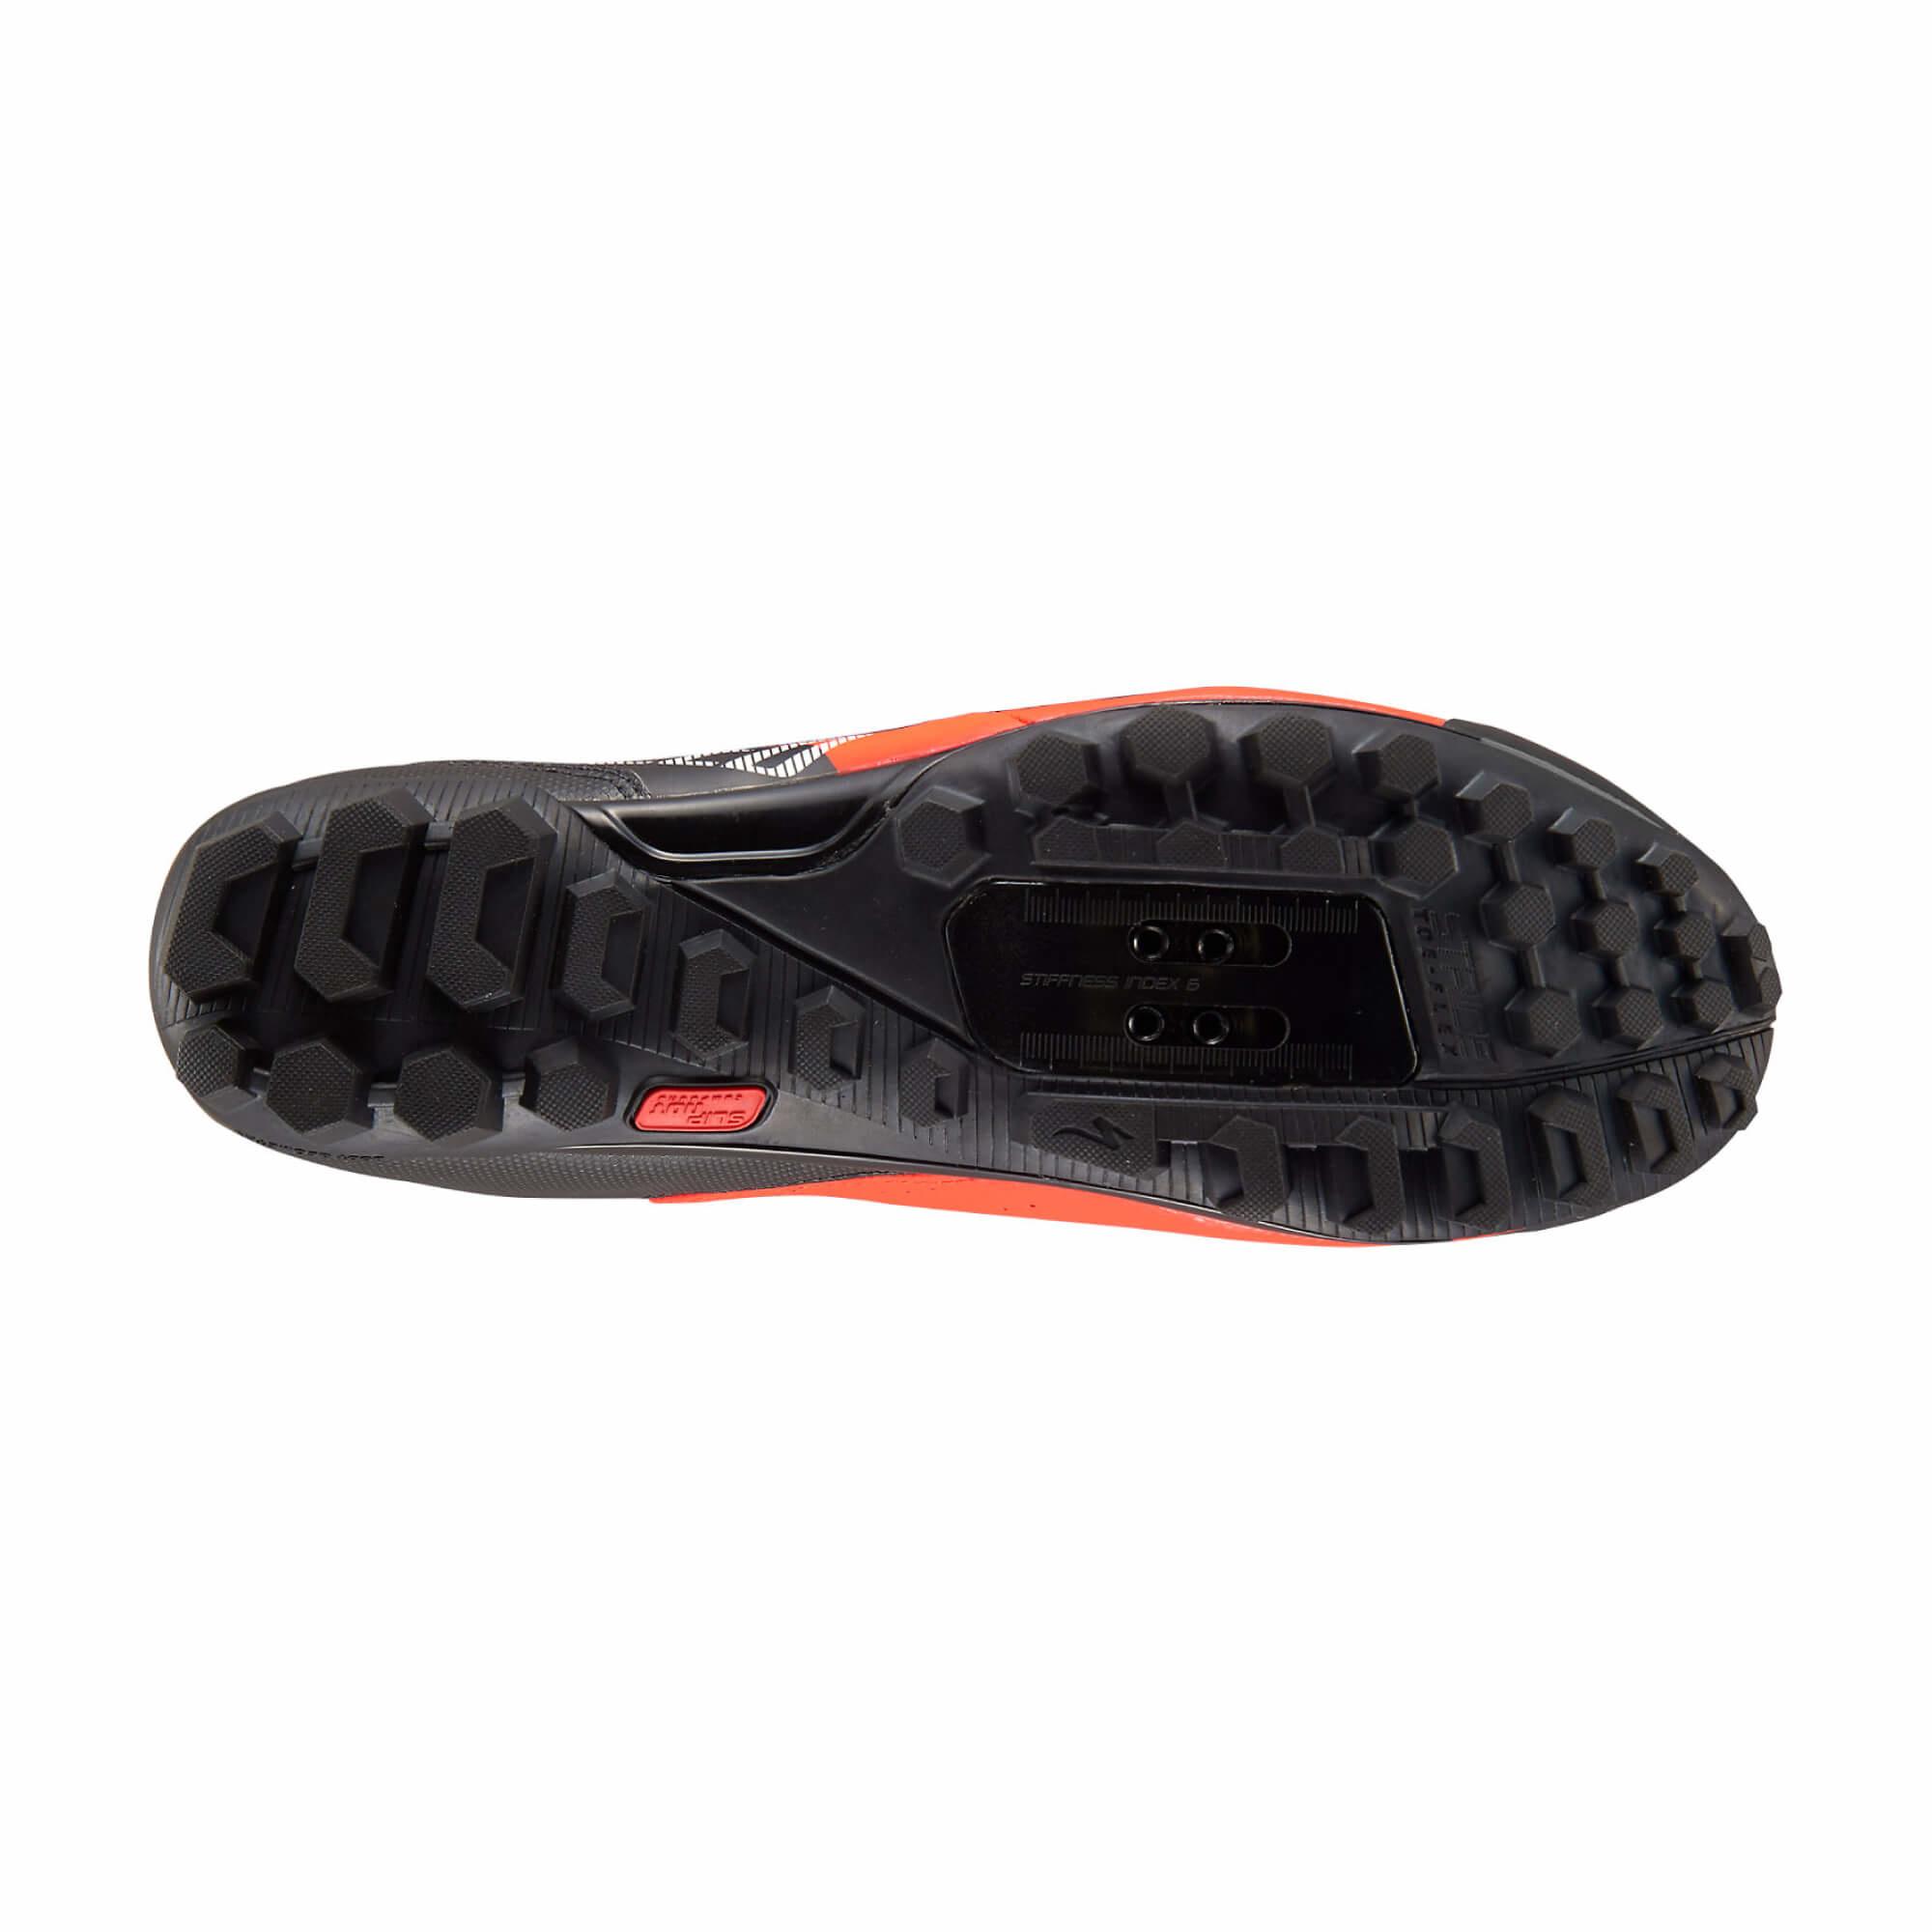 Recon 2.0 Mountain Bike Shoes-7